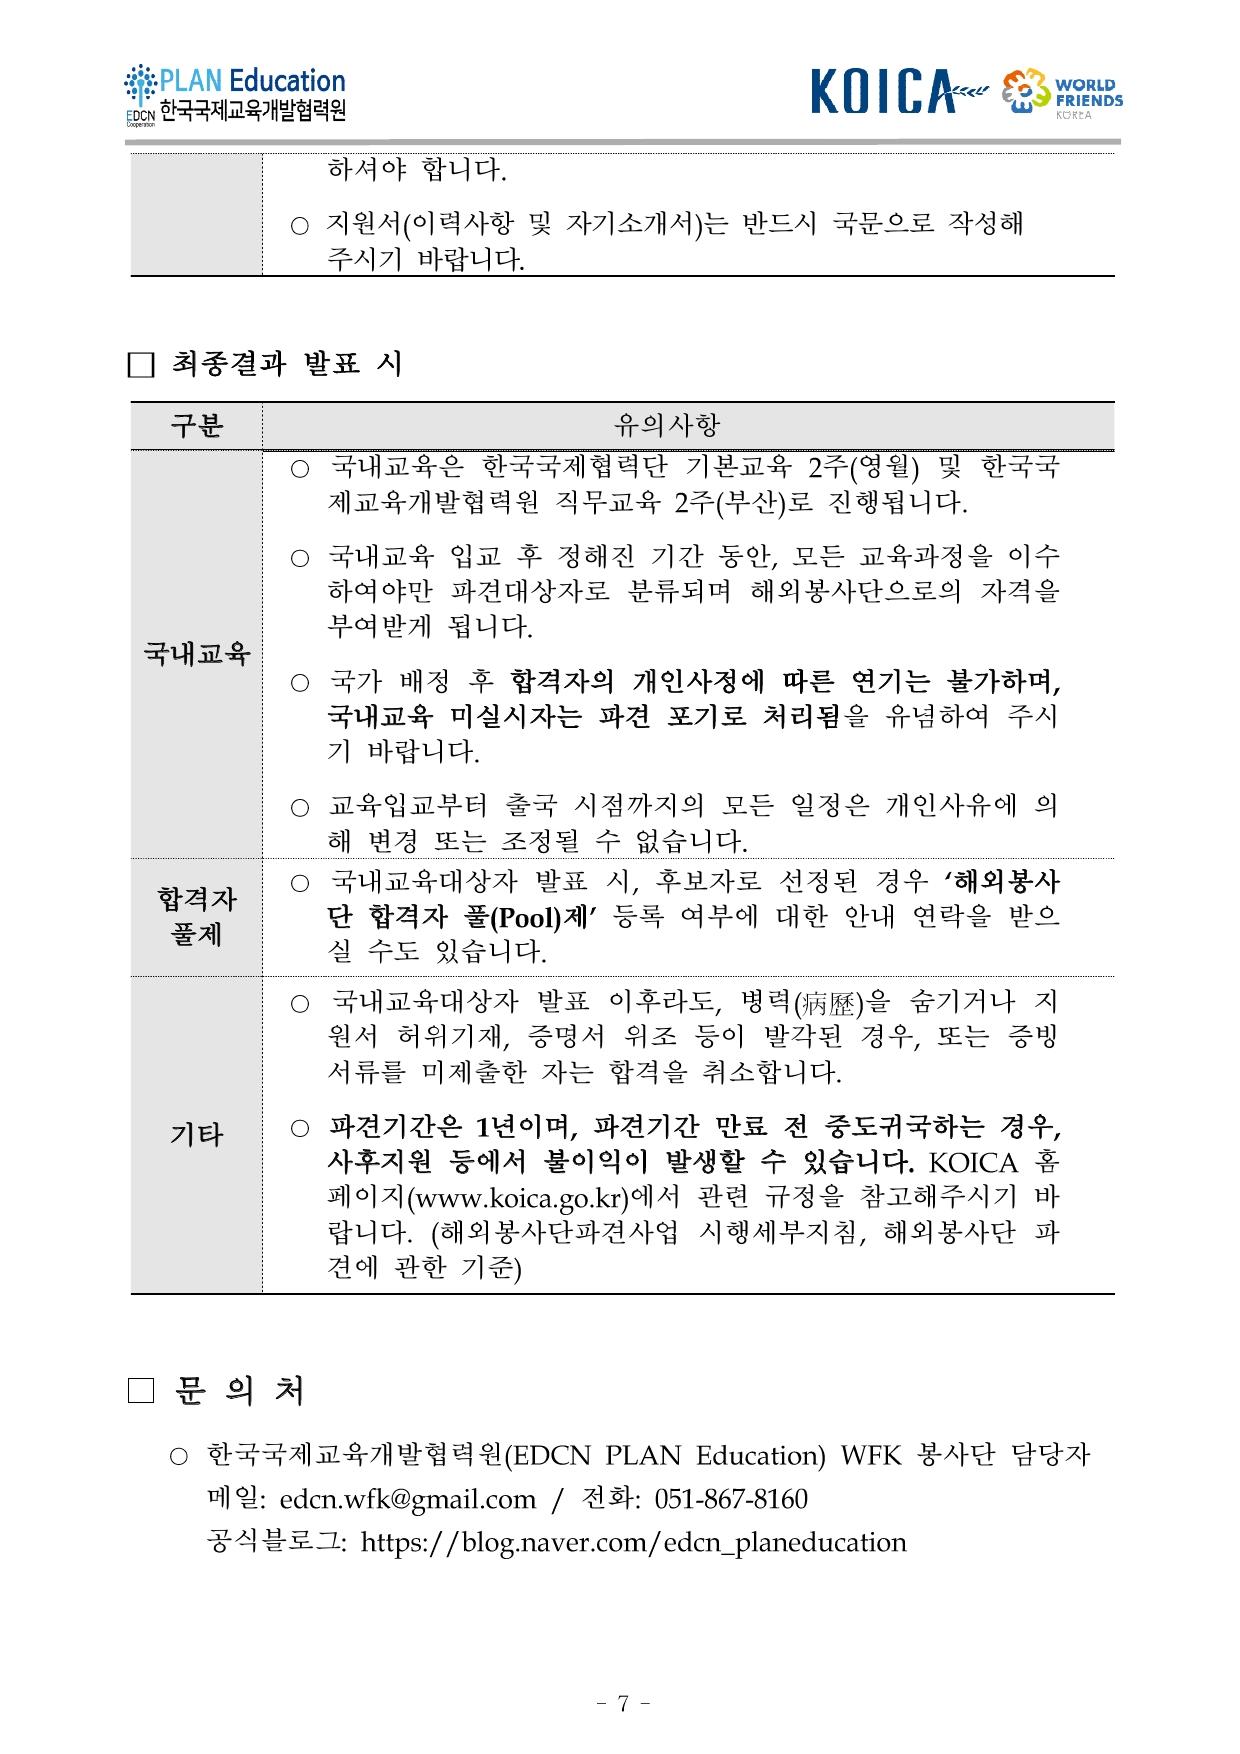 추가모집안내문_20191010-8.jpg